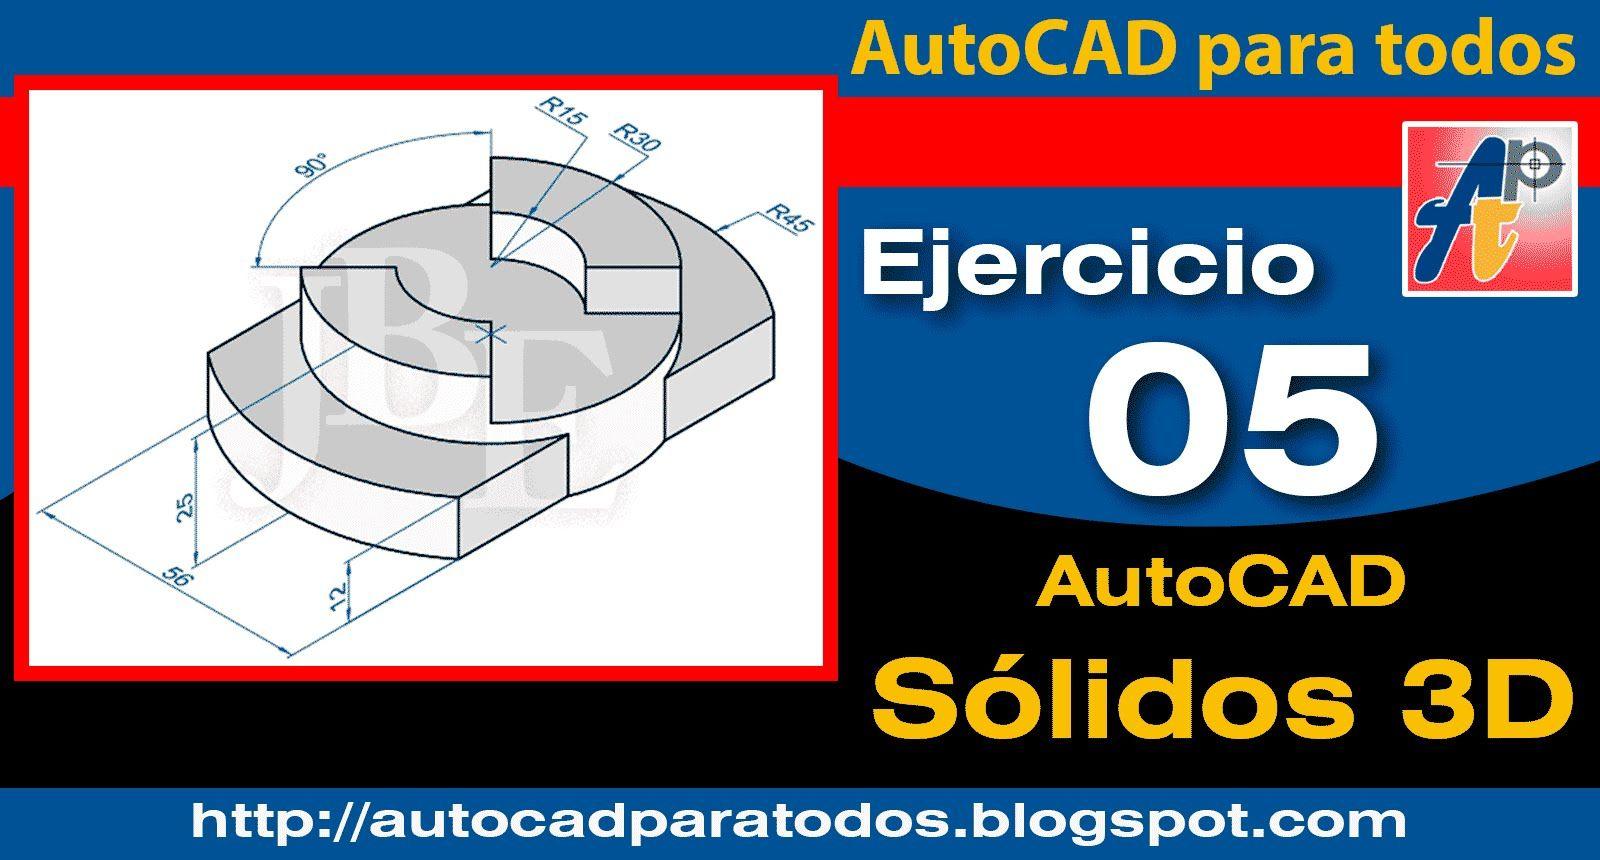 Ejercicio 05 - AutoCAD Sólidos 3D